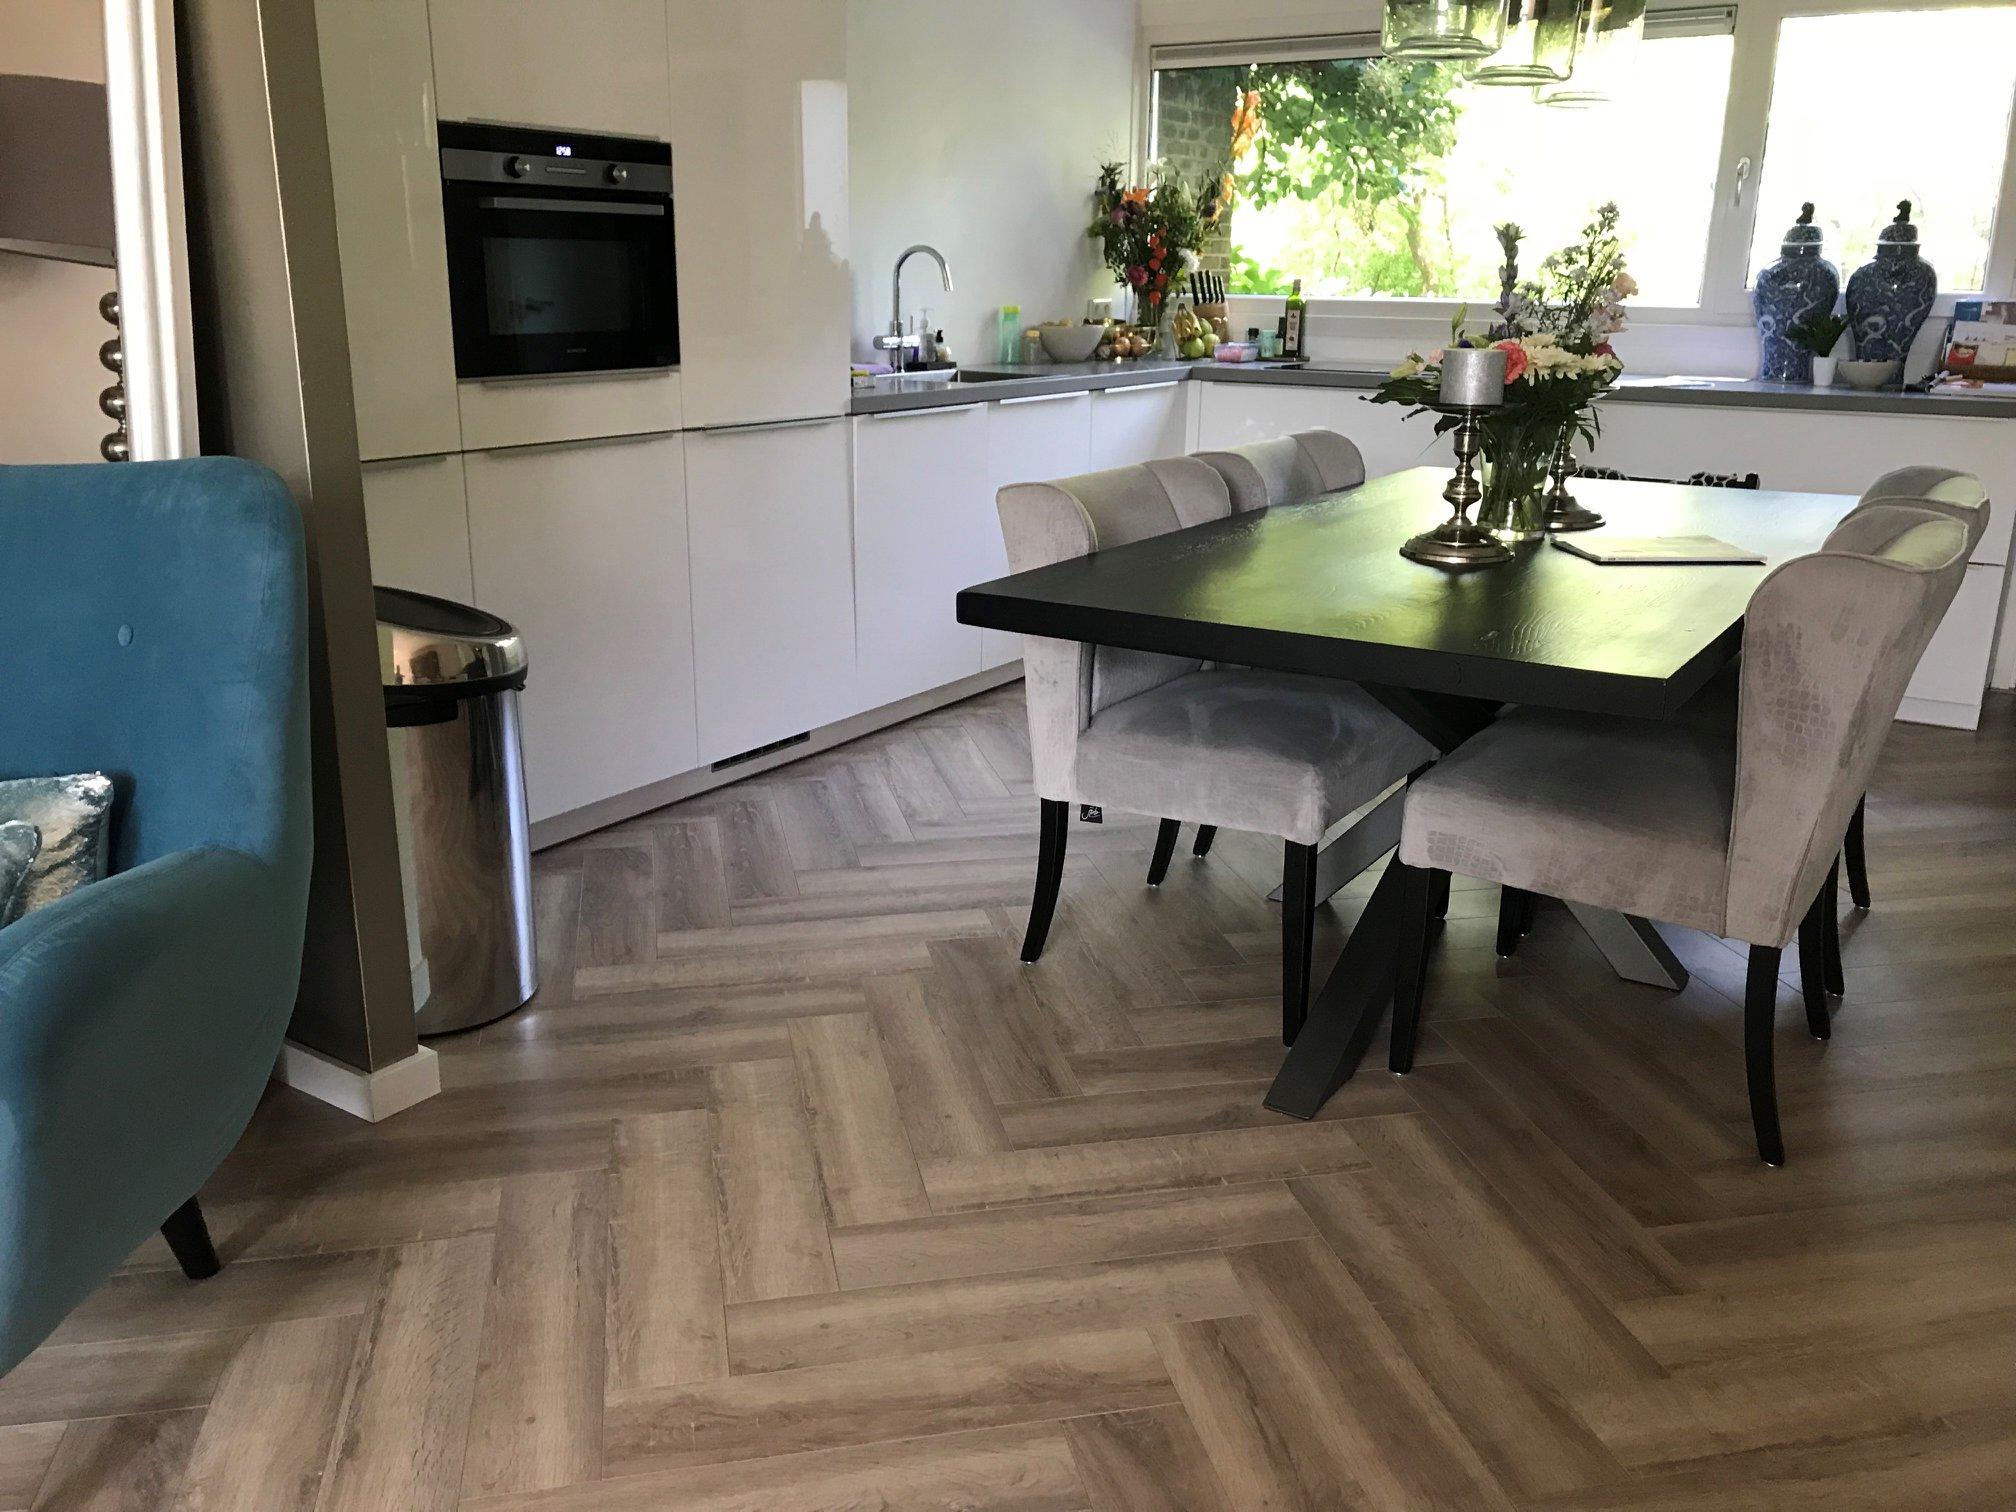 Alpon Parket visgraat vloer klant hout pvc laminaat Dordrecht vloerenspeciaalzaak